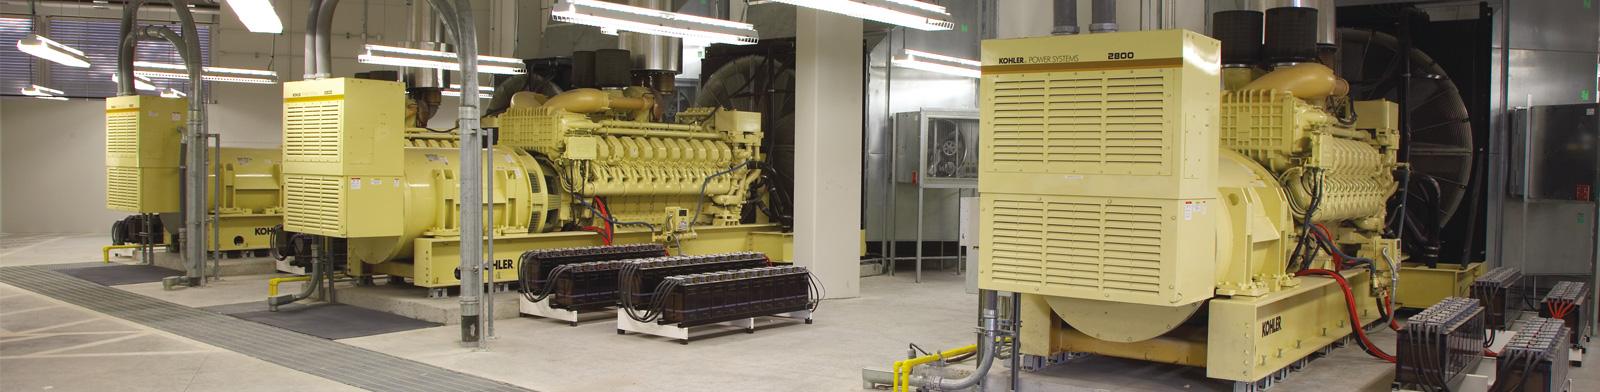 KOHLER Diesel Generators – TAW Power Systems